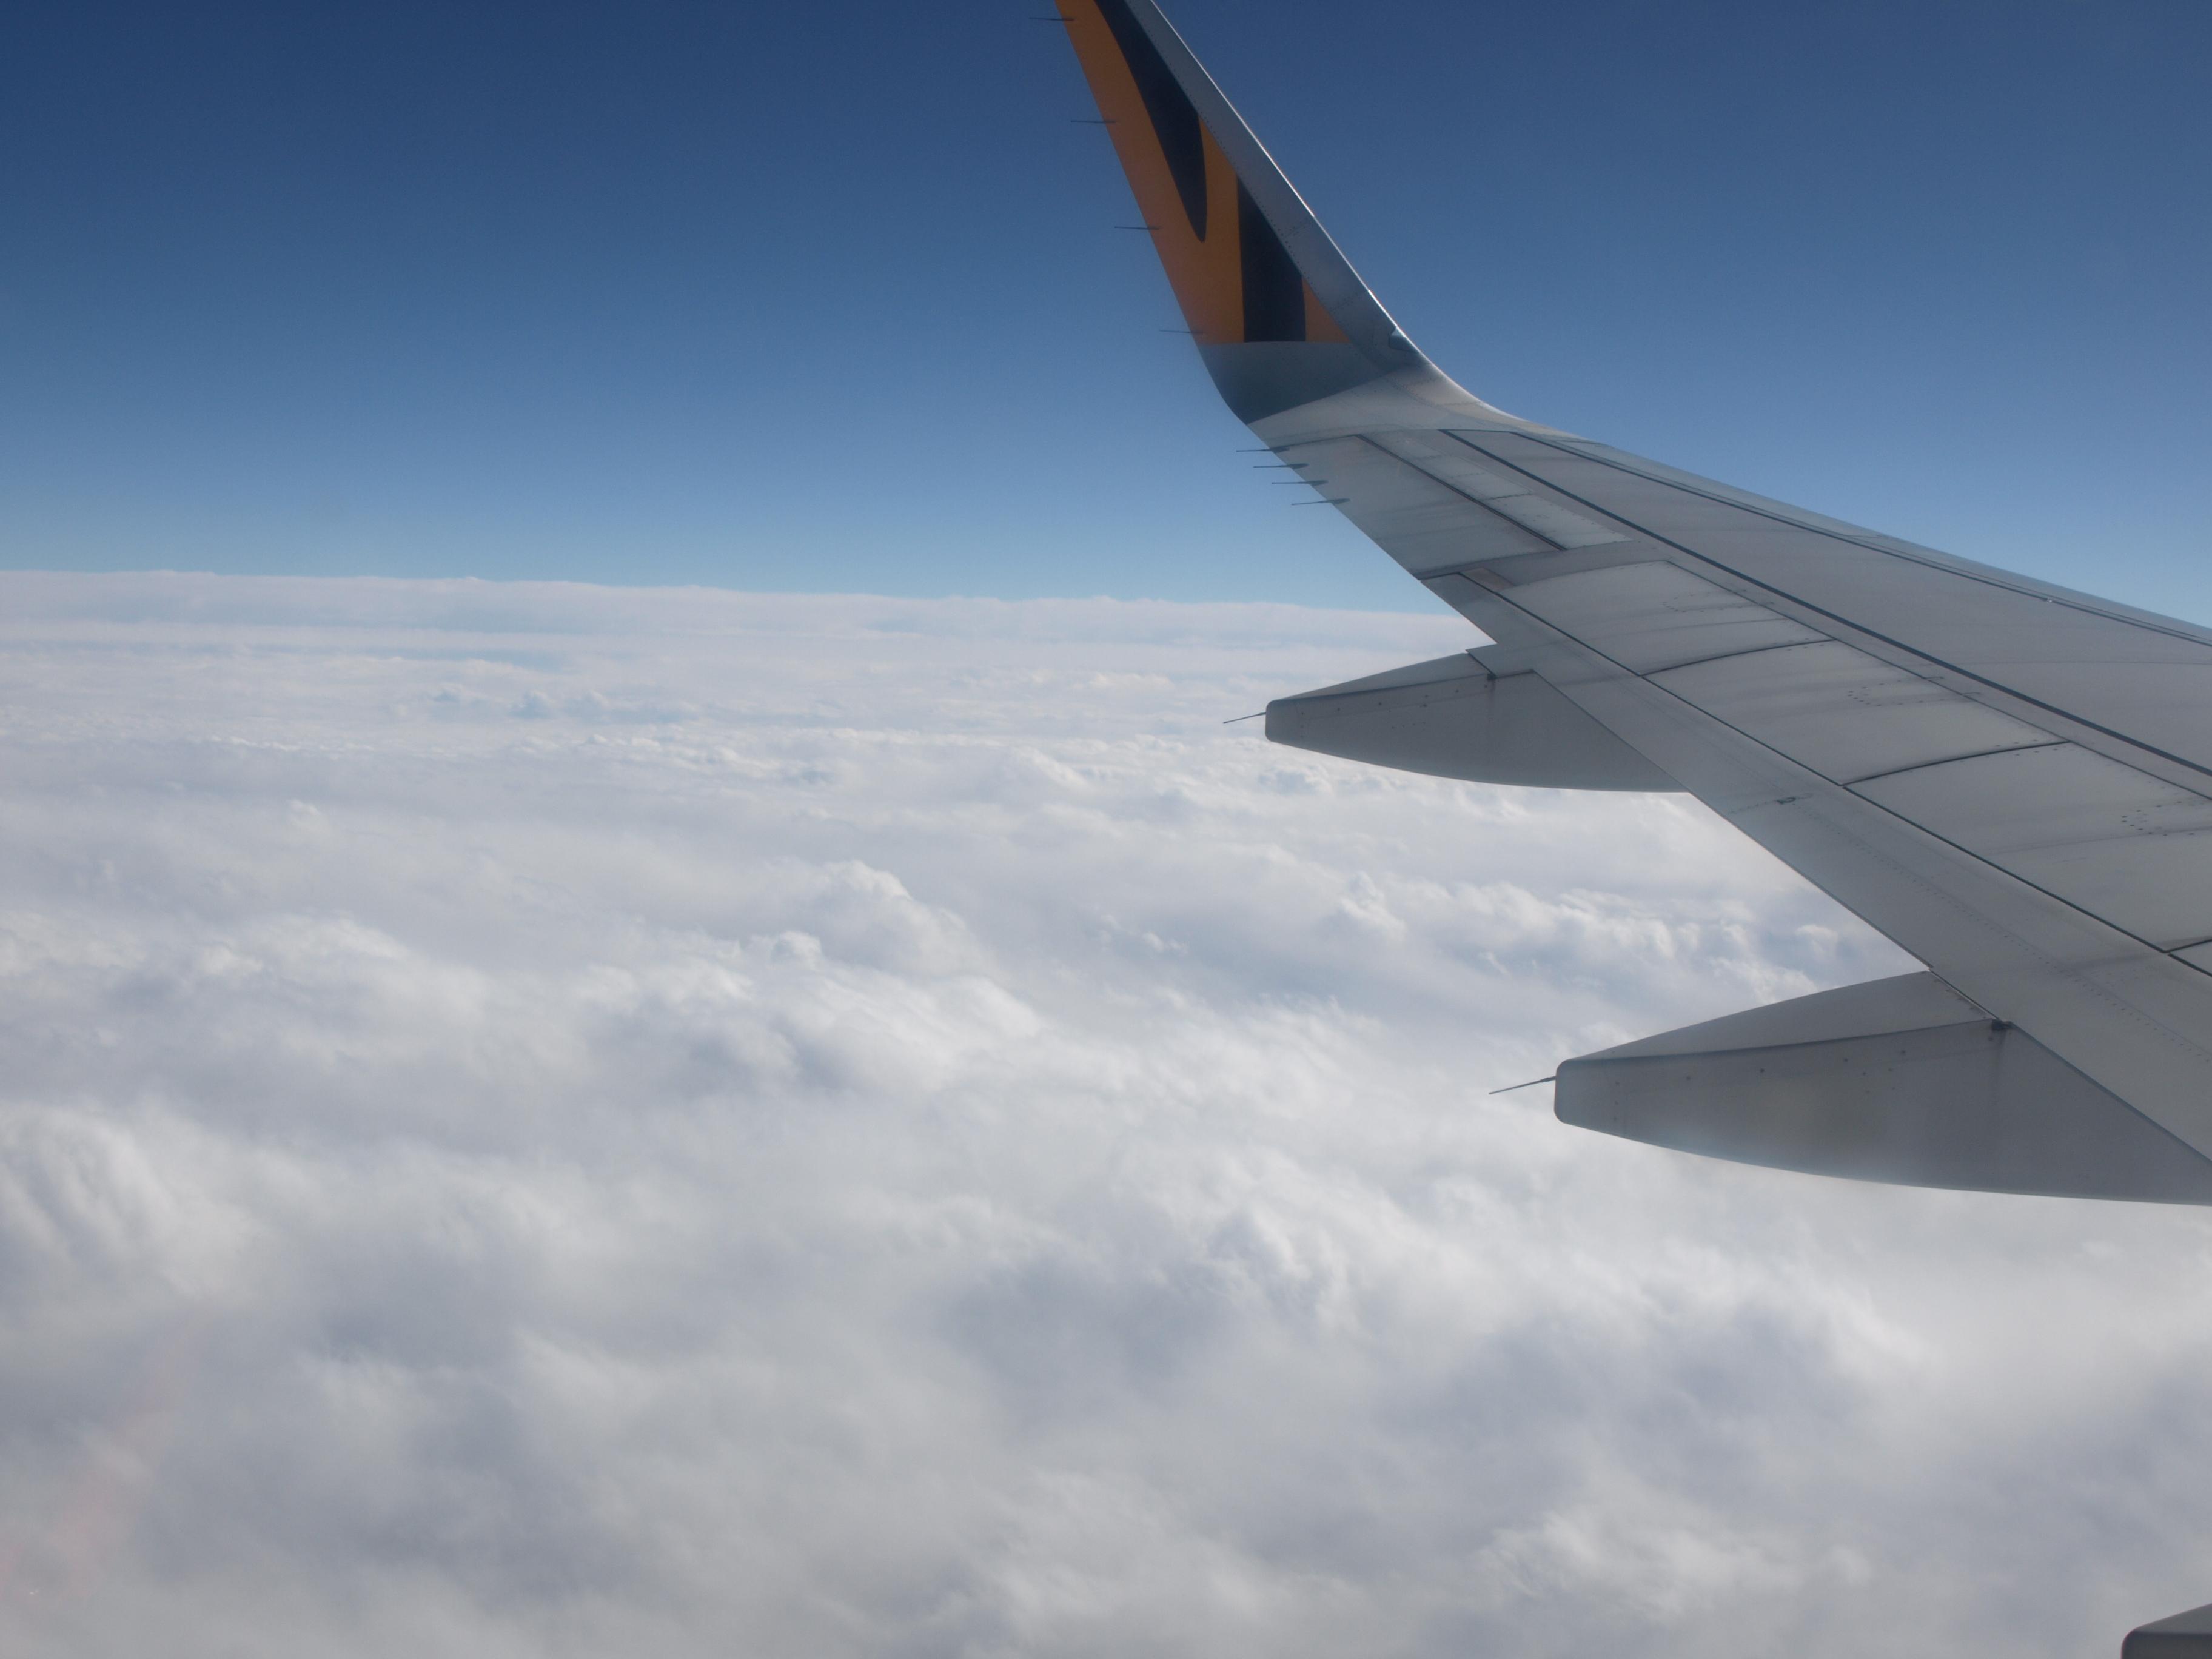 羽ばたけ大空へ